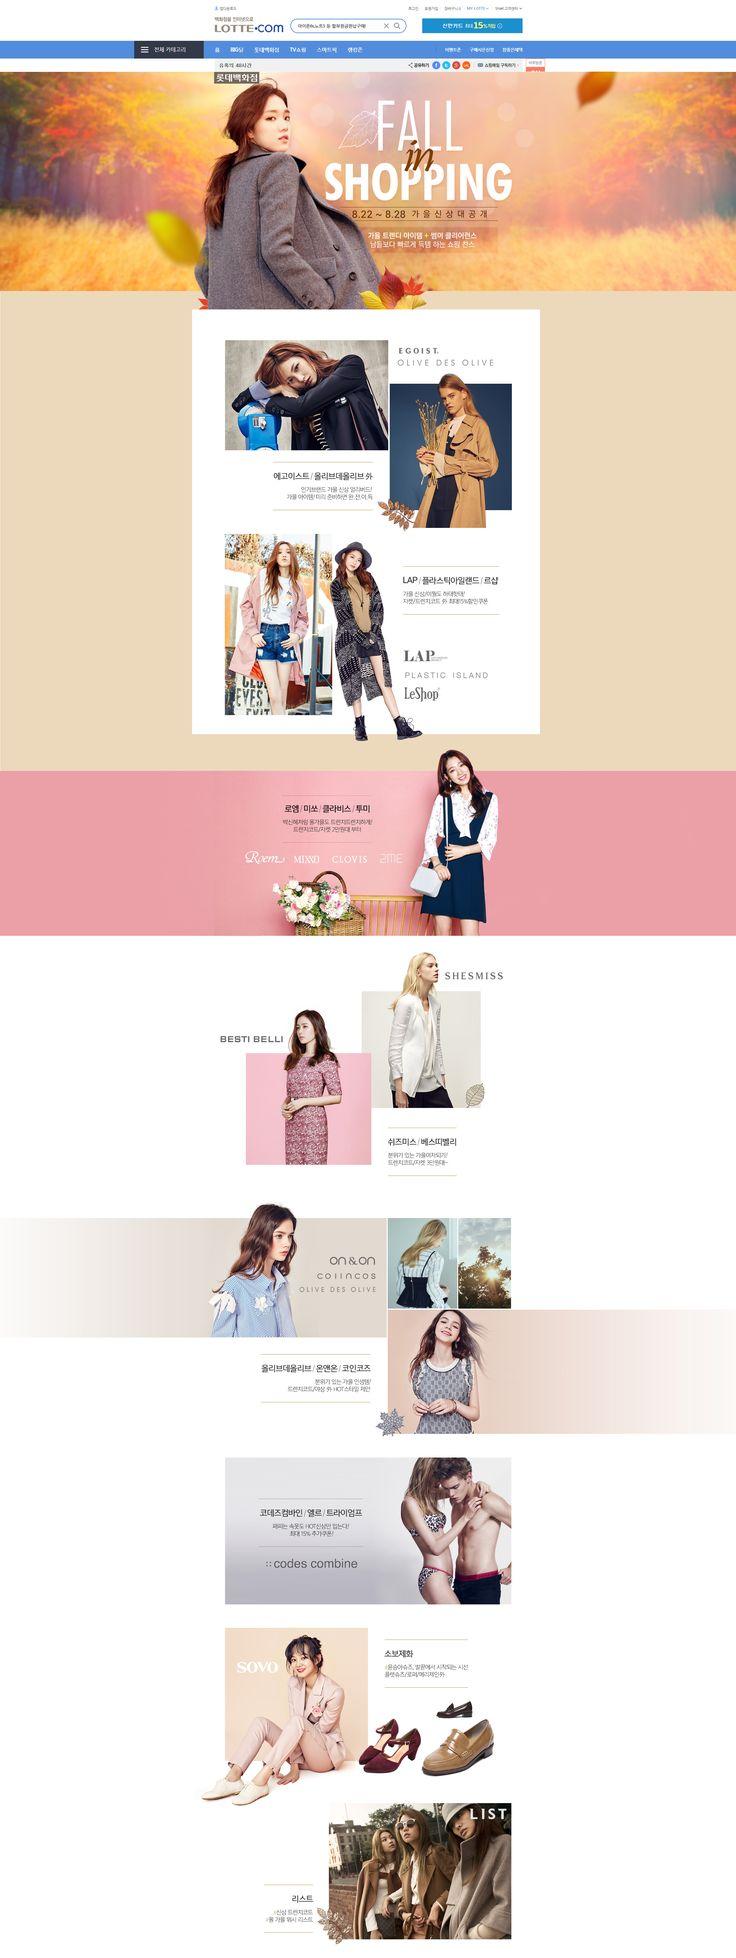 [롯데백화점] FAll in Shopping Designed by 박세미